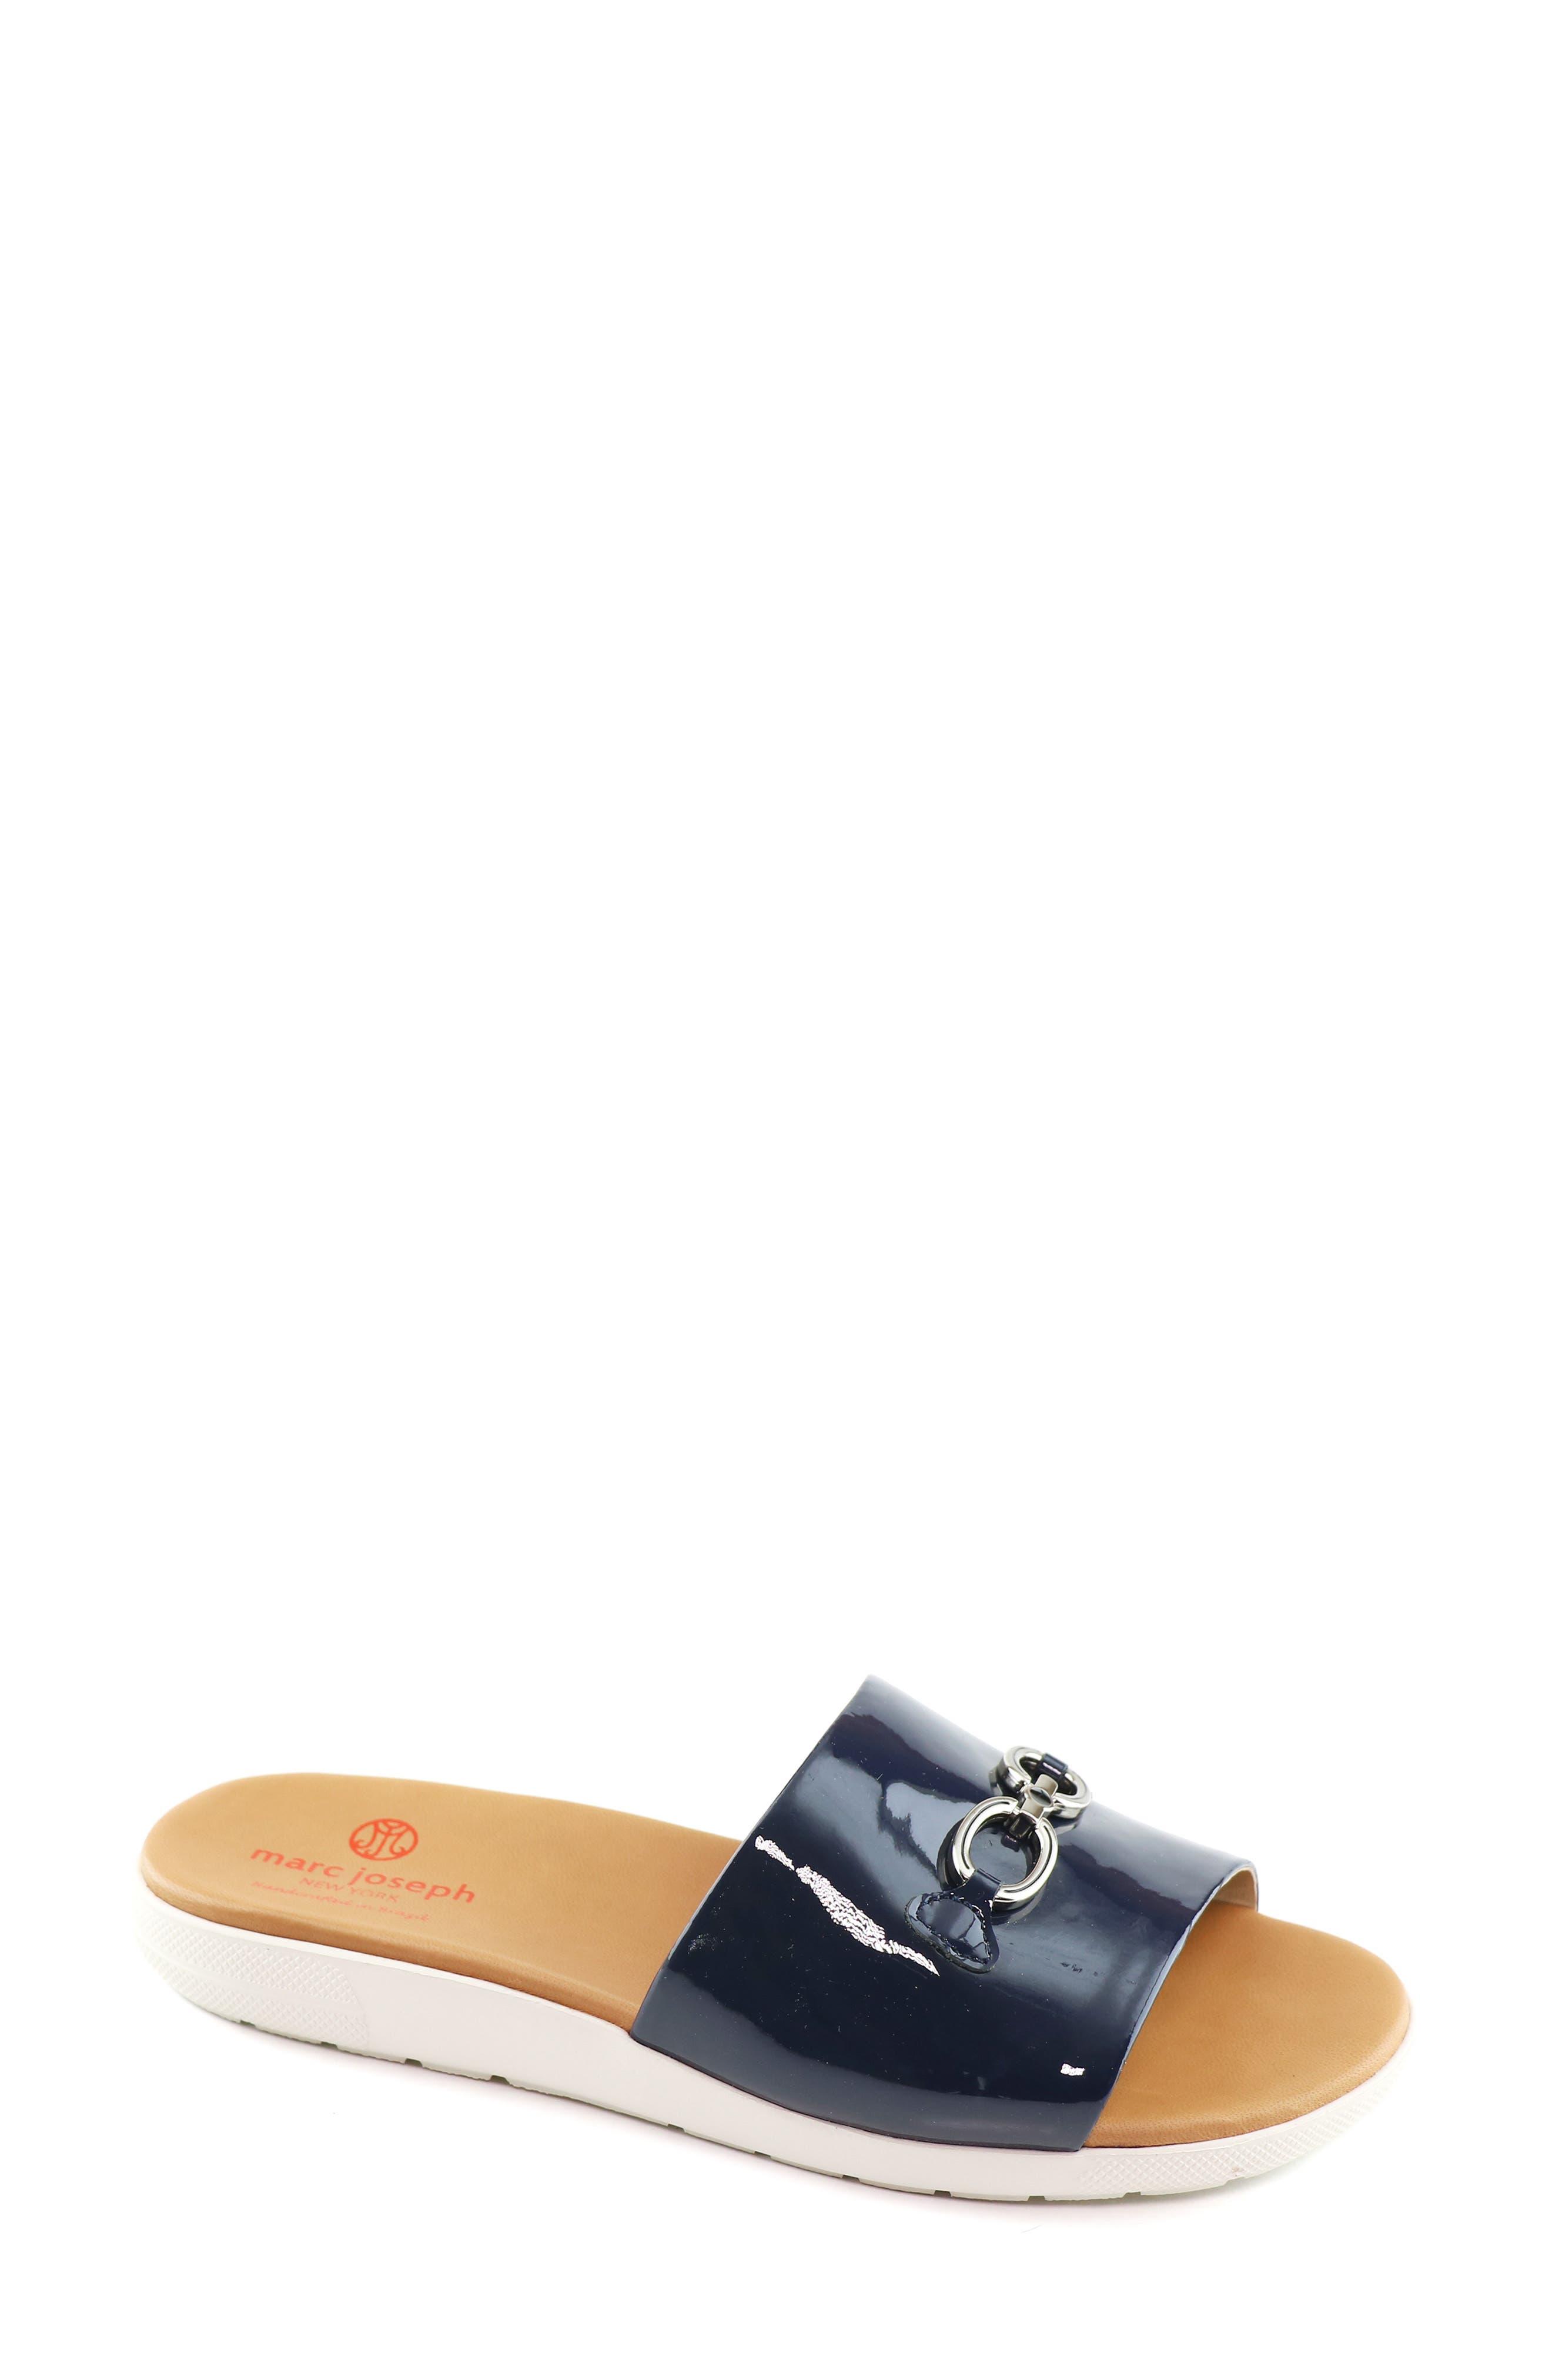 Berry Slide Sandal